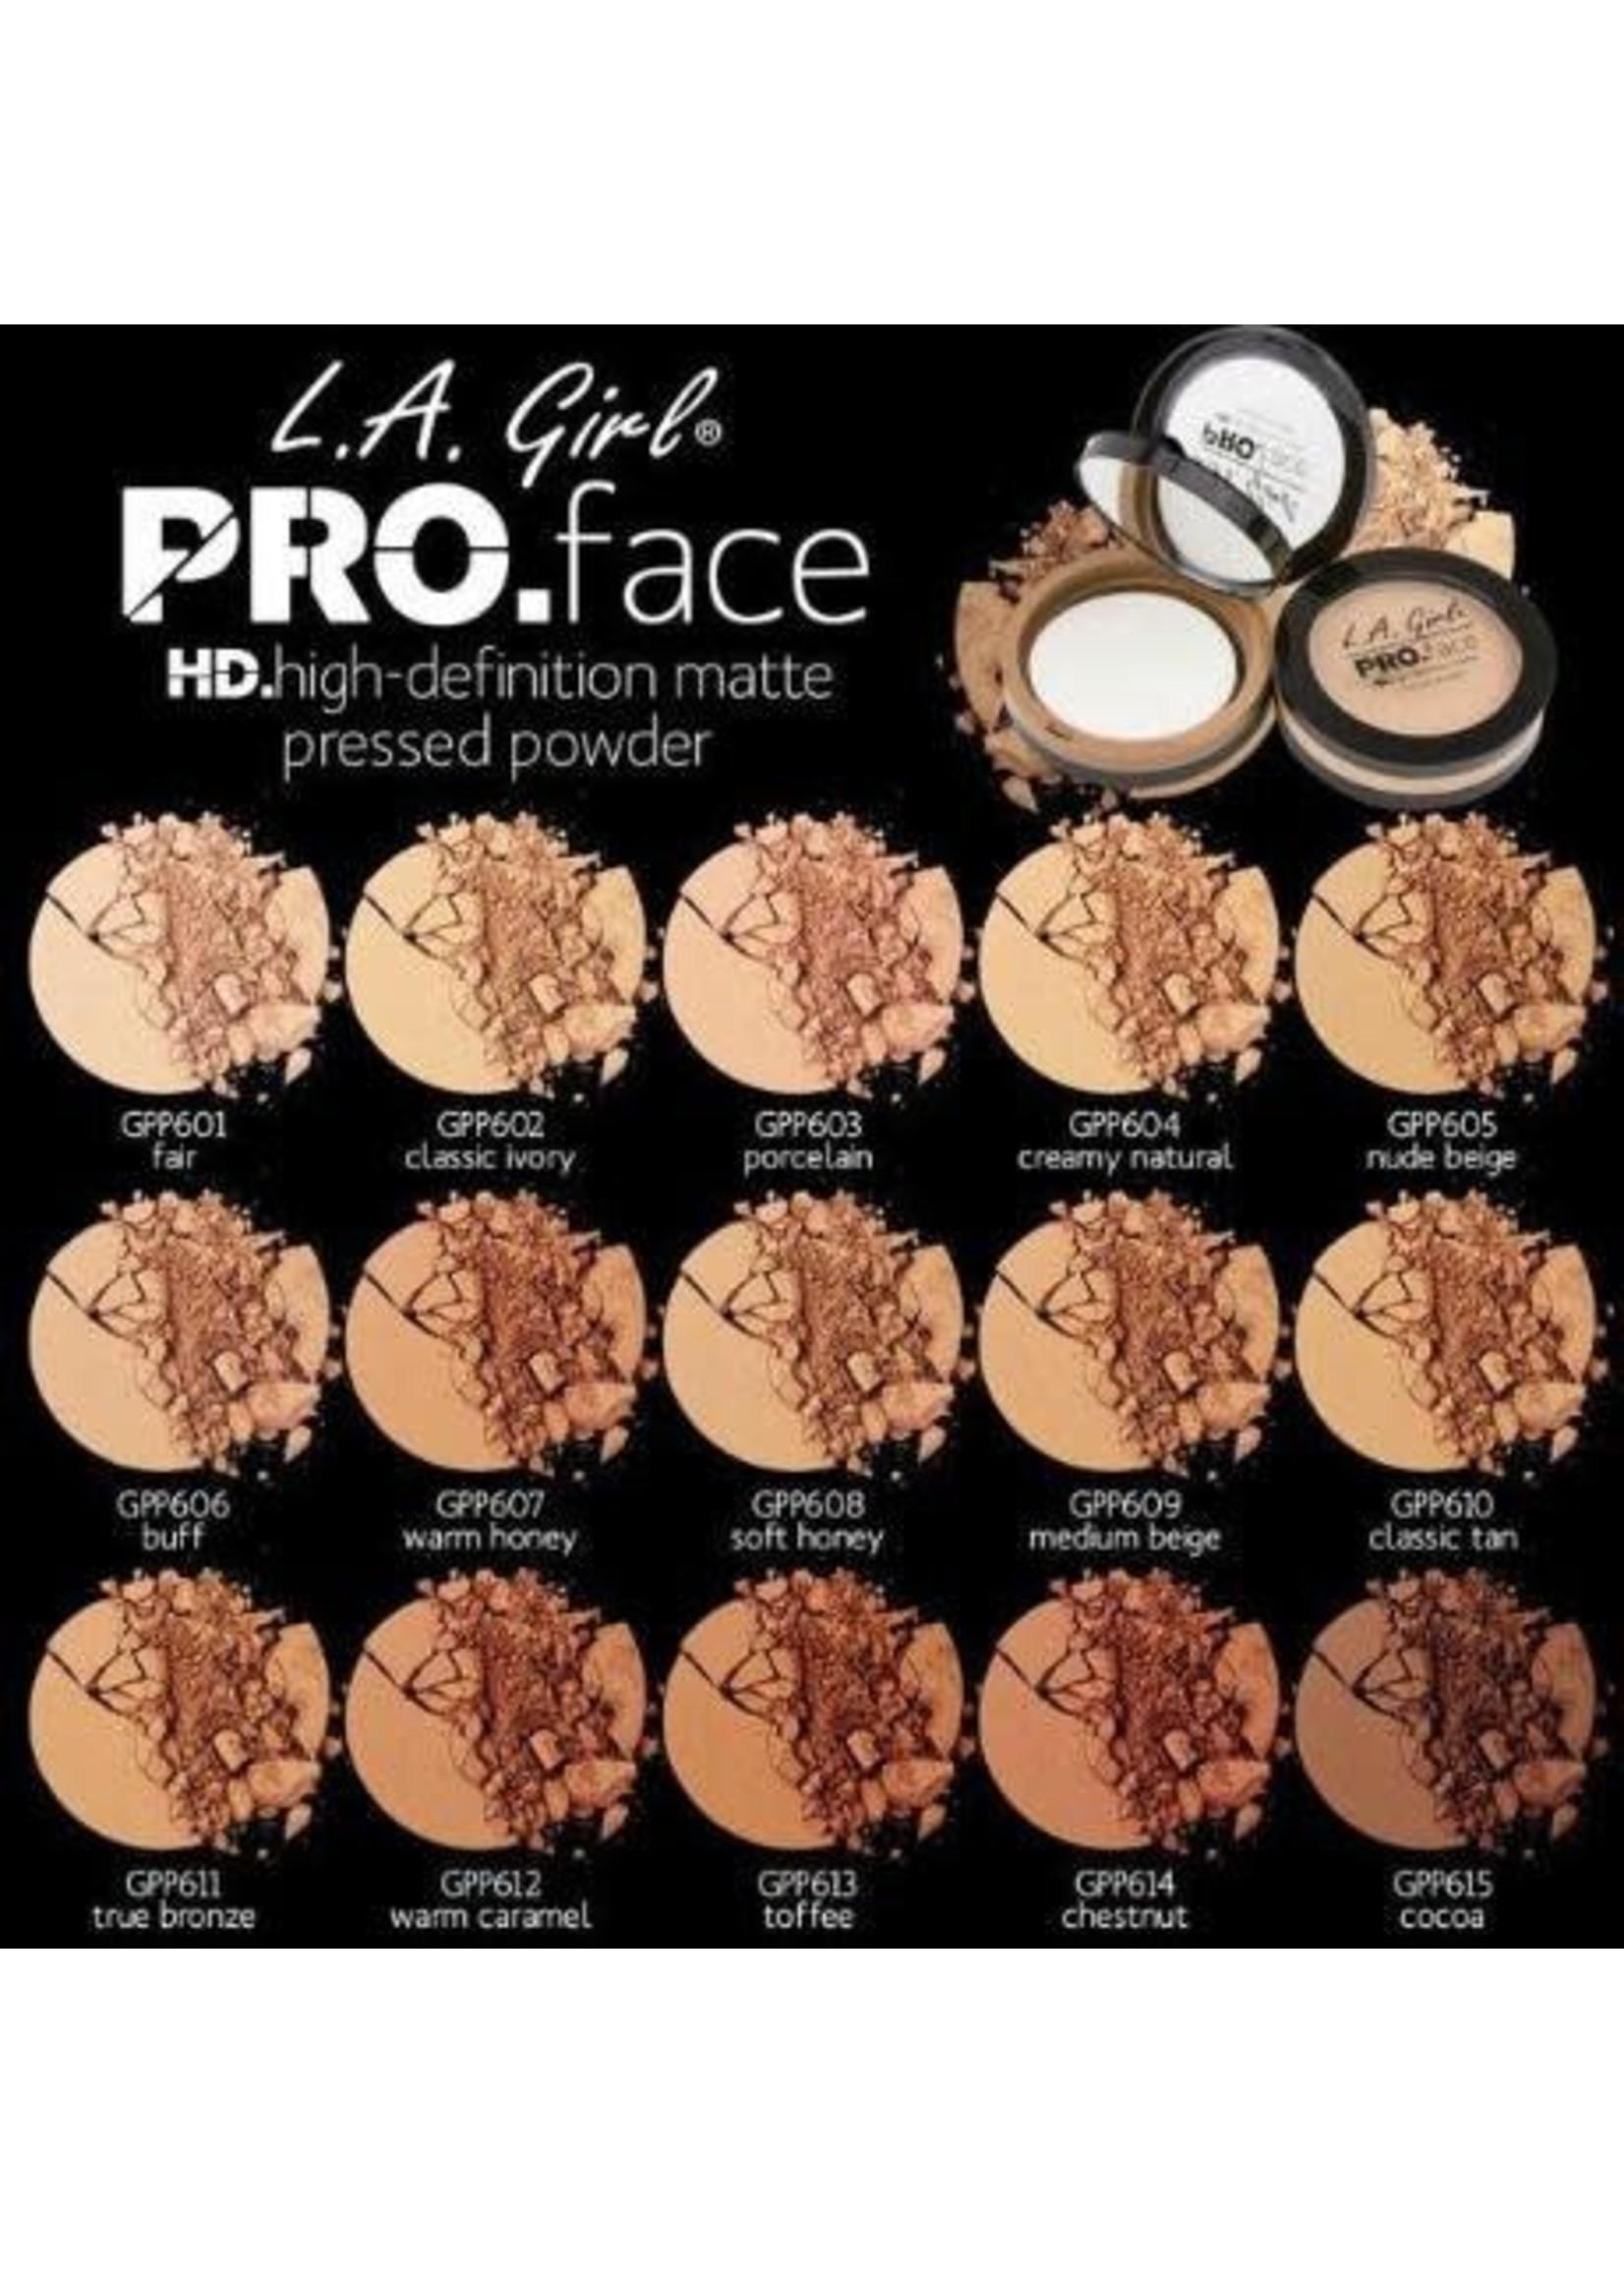 La Pro Face Pressed Powder